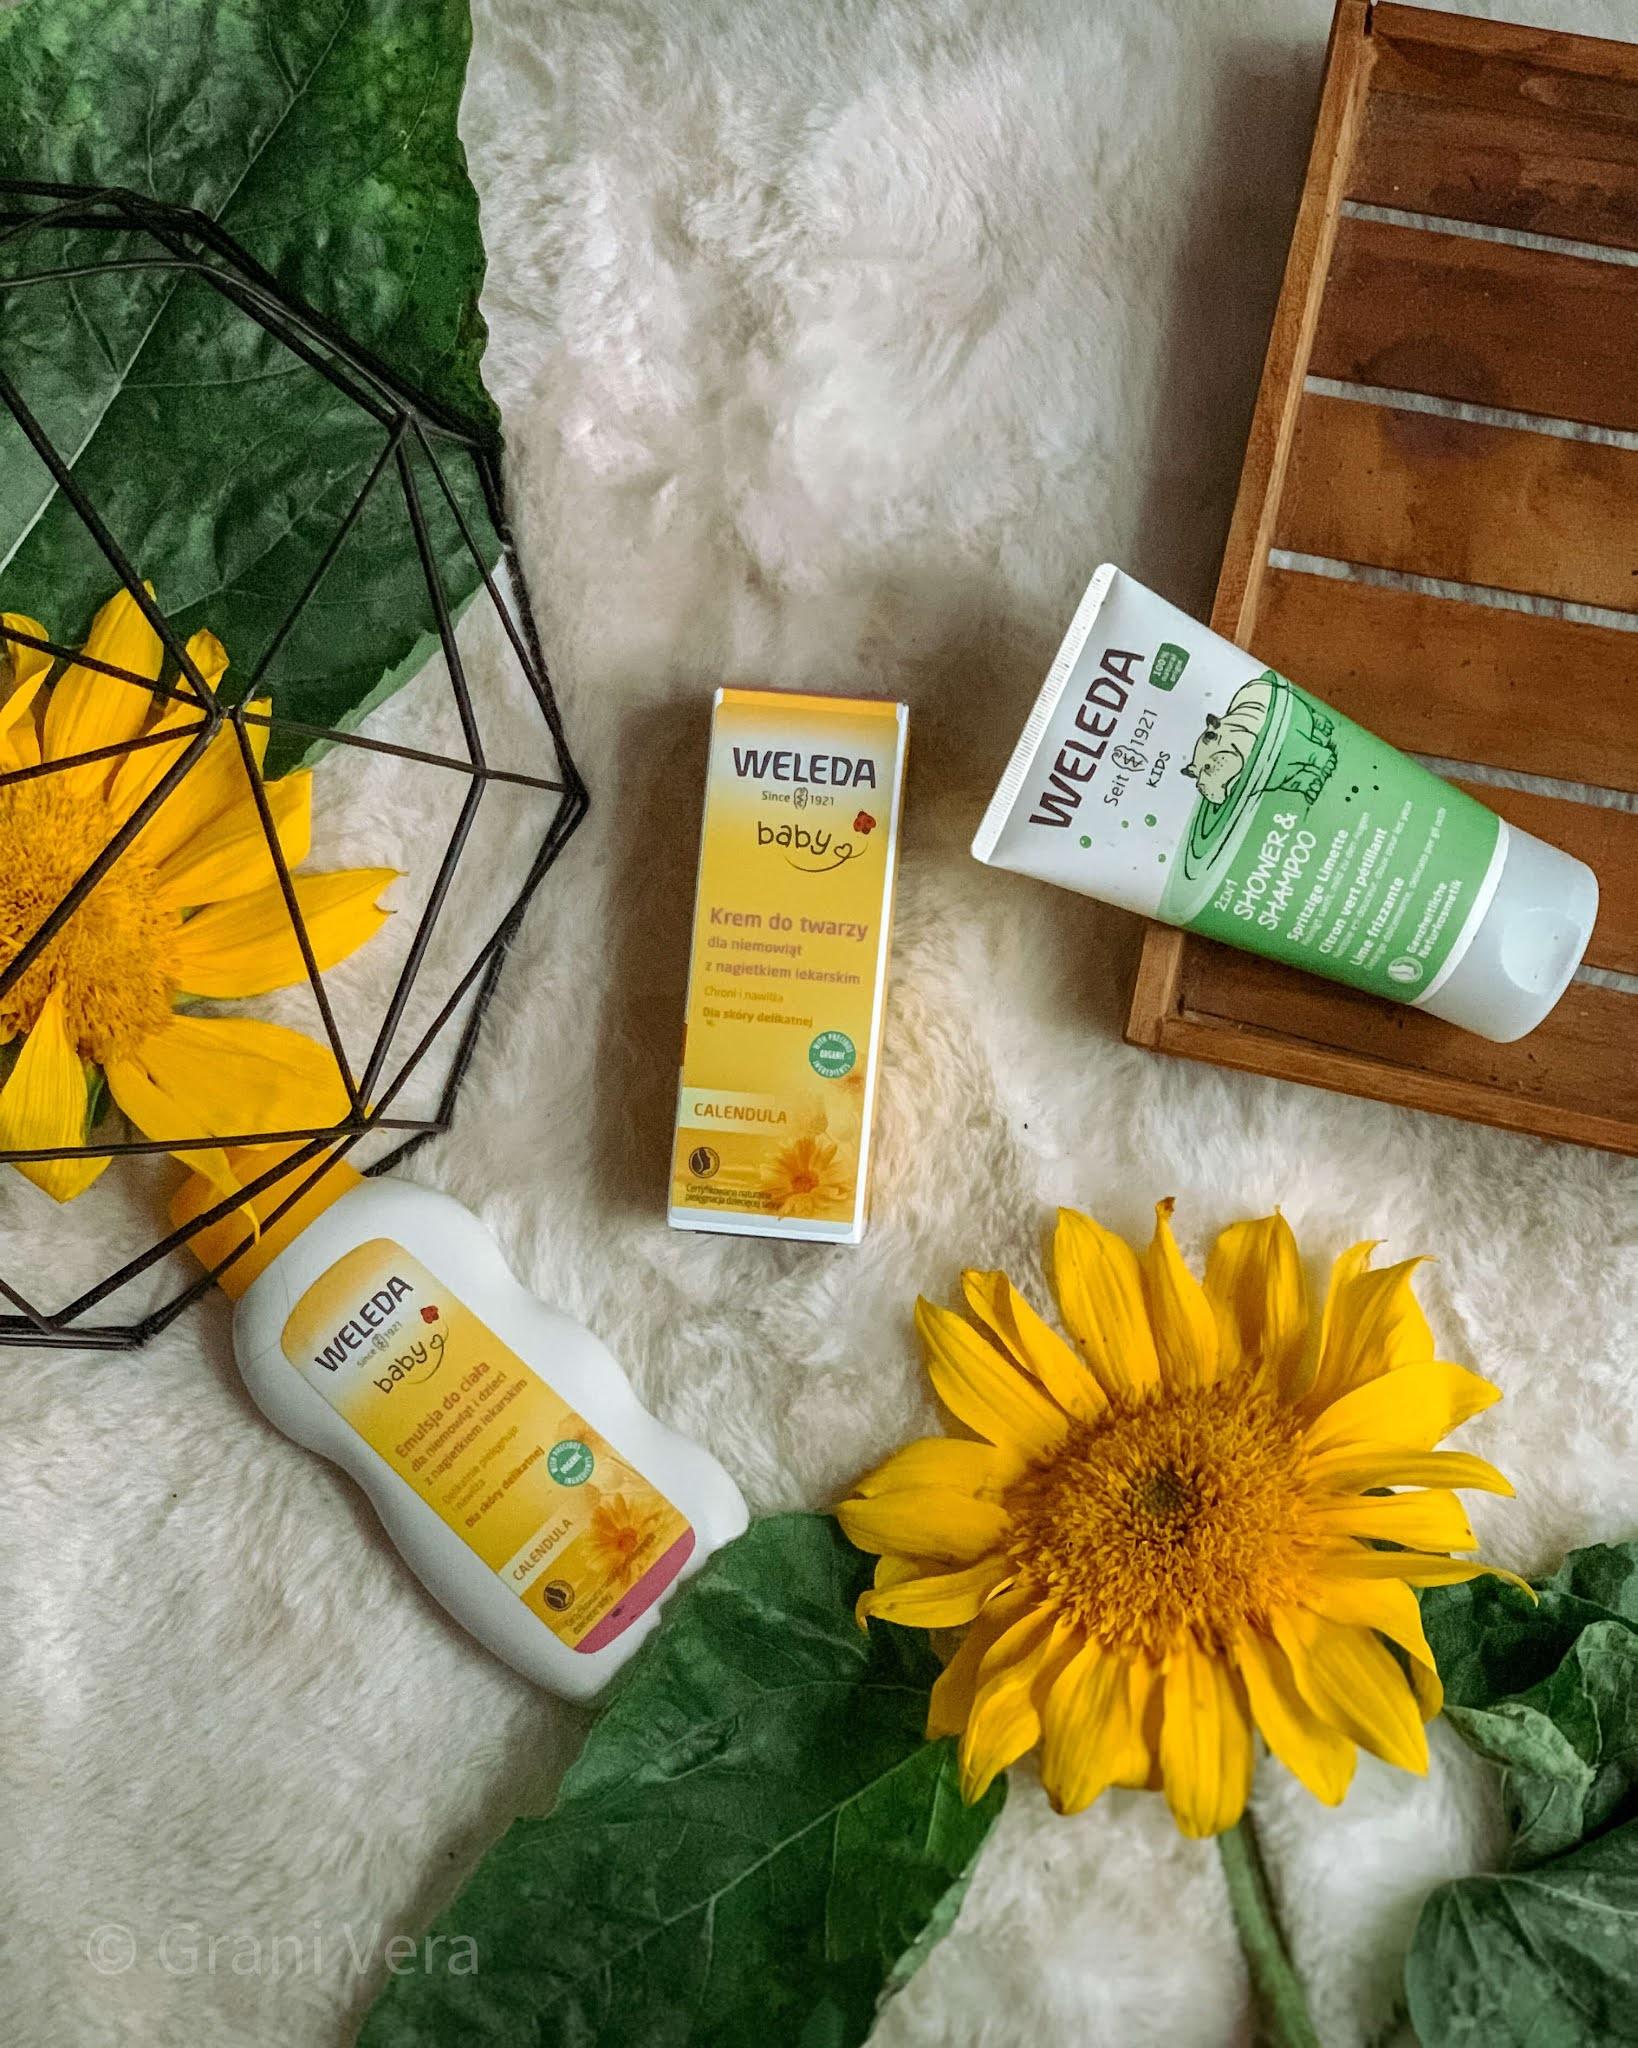 kosmetyki-weleda;baby-szampon-emulsja-krem-do-twarzy-słoneczniki-opinie